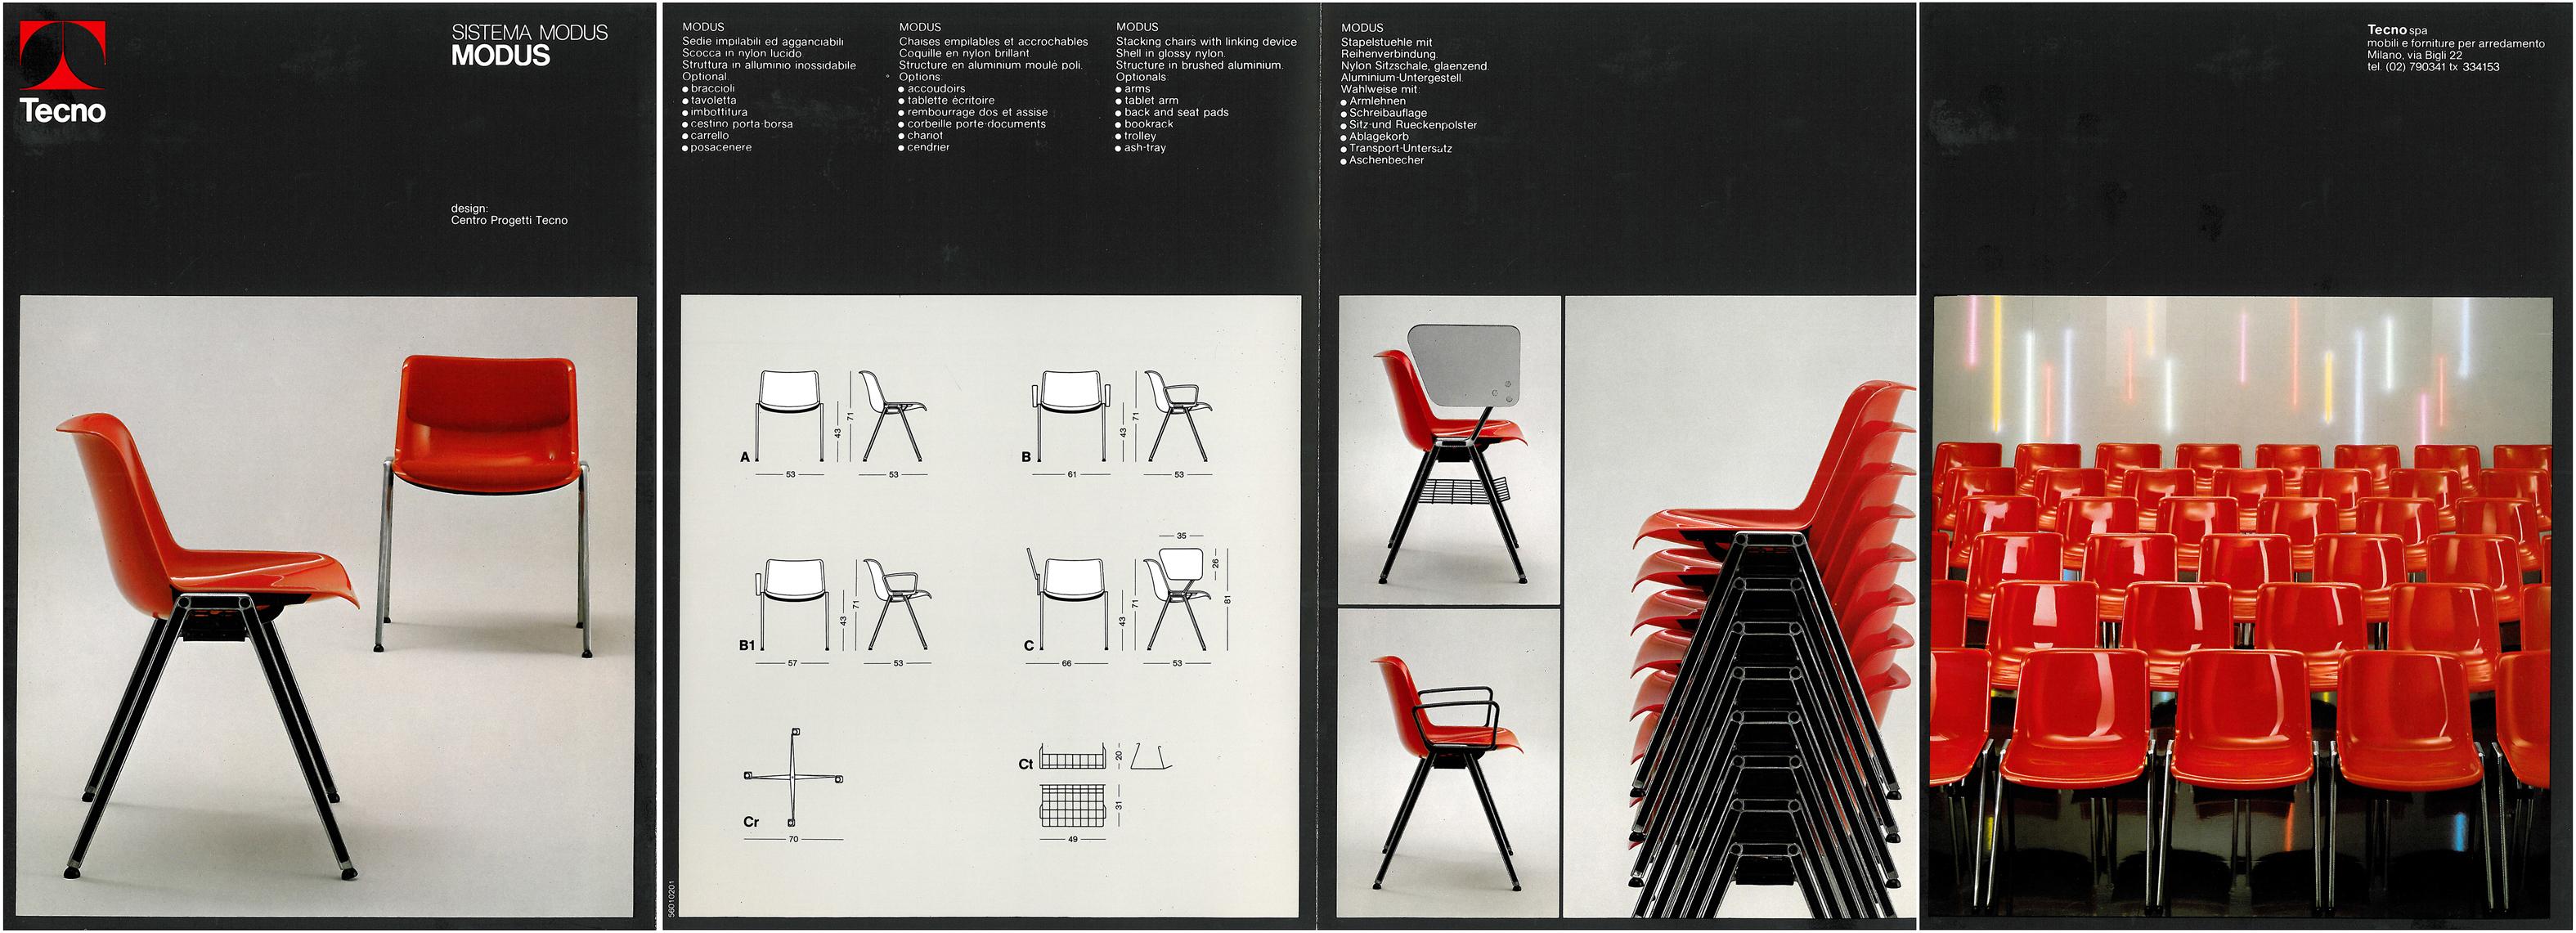 Centro Progetti Tecno Archives - AIS/Design